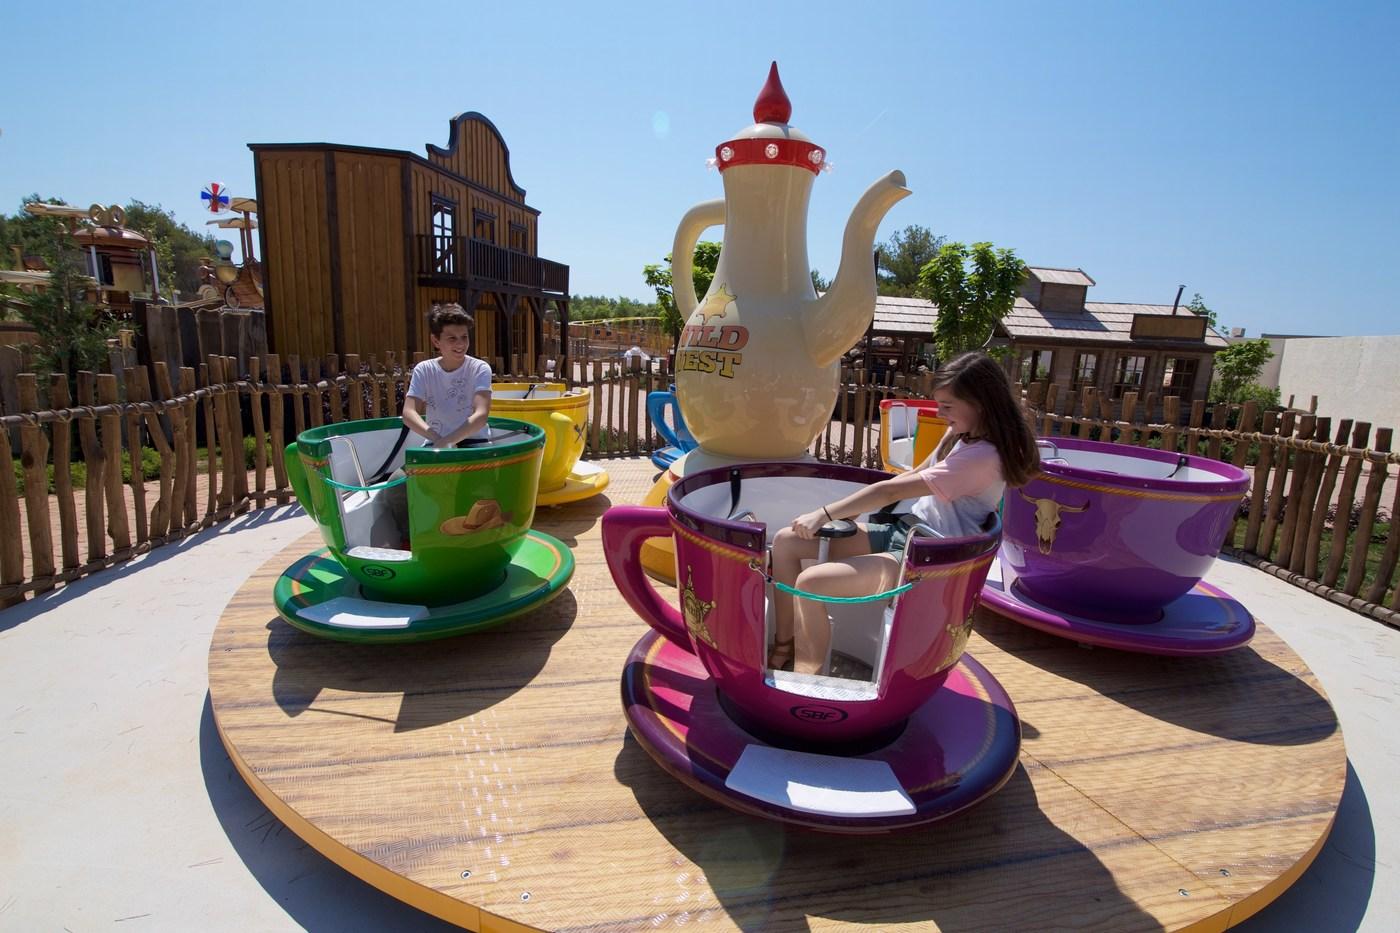 V parku je 24 velikih atrakcij. Najzanimivejše so Adria Eye, Tornado in Big Blue  rollercoaster.